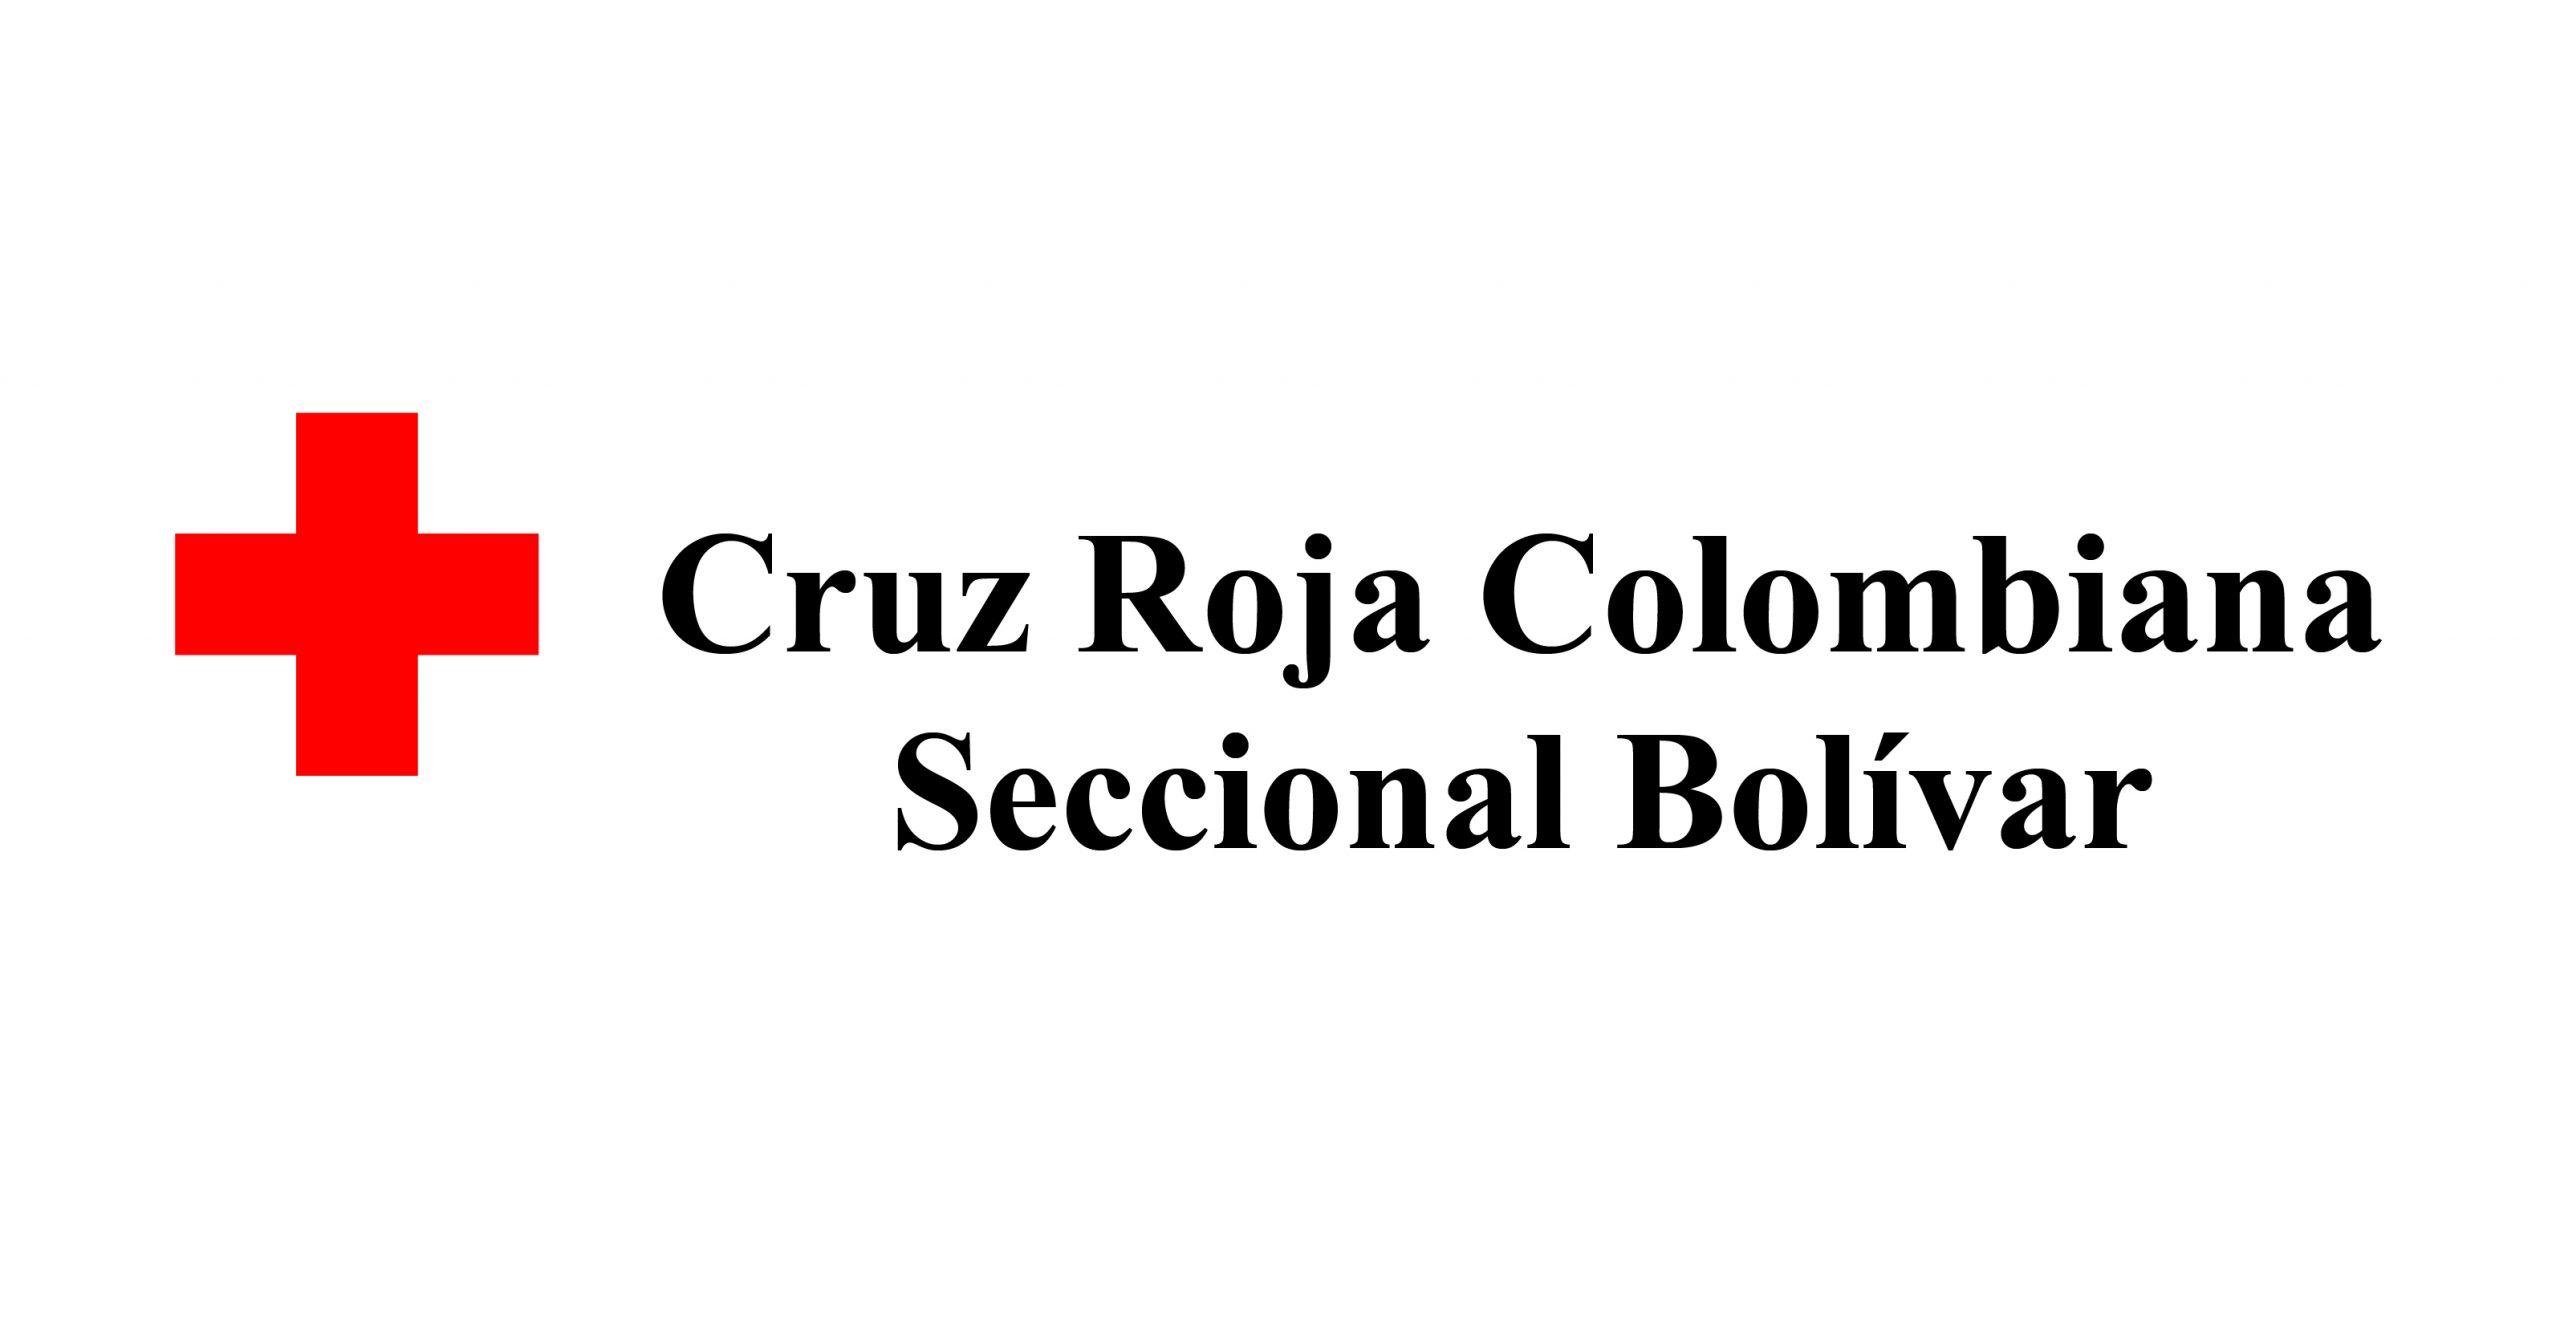 Cruz Roja Seccional Bolívar